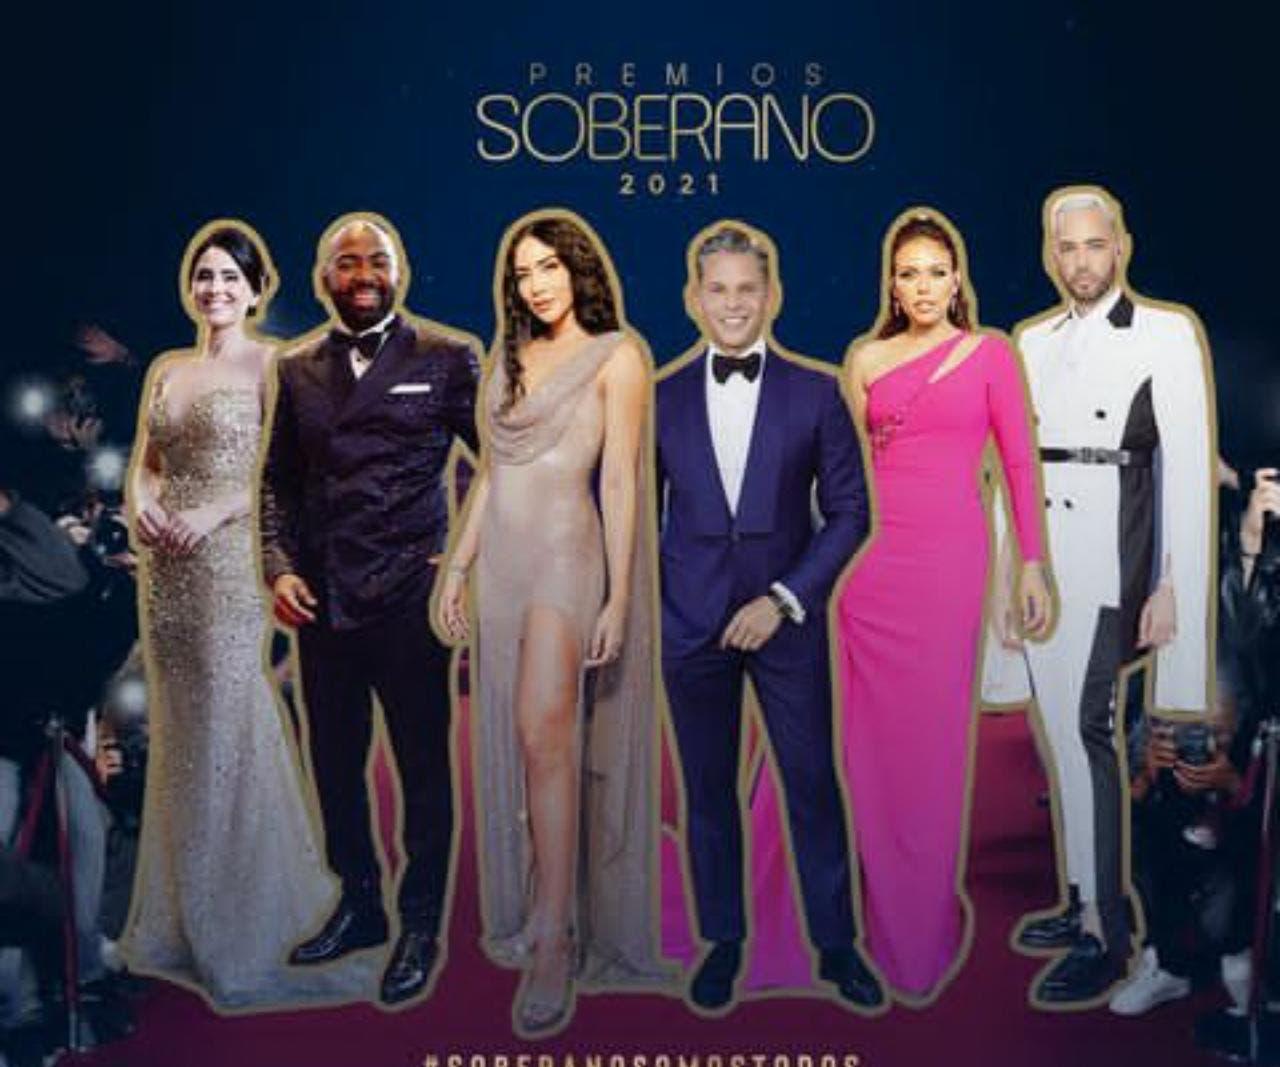 Los Premios Soberano en fotos y videos